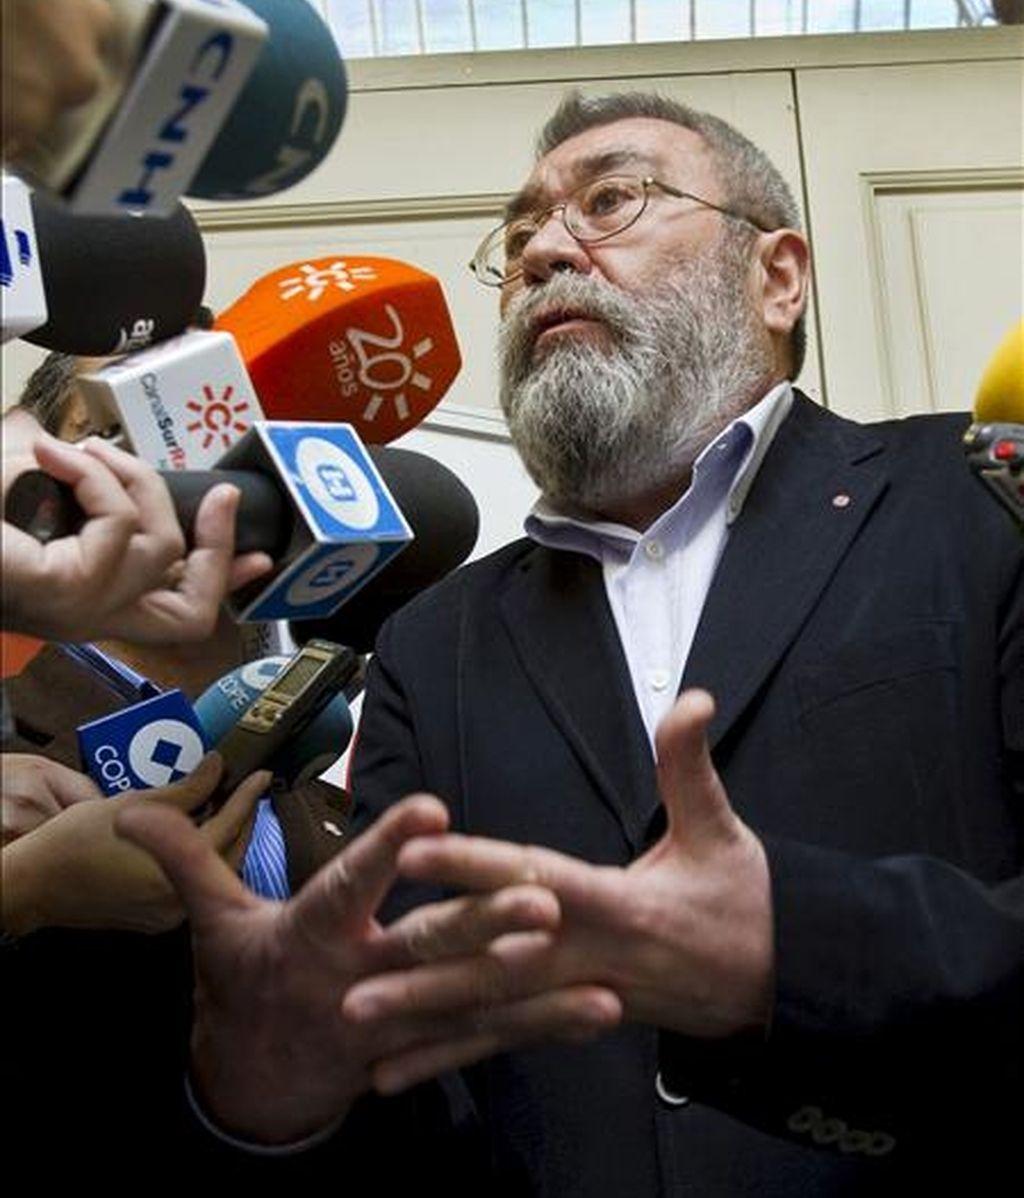 El secretario general de UGT, Cándido Méndez, durante unas declaraciones a los medios de comunicación en Huelva antes de iniciar reuniones con todas las secciones sindicales y comités de empresa de la provincia, en donde ha mostrado sus dudas de que el déficit en la Unión Europea se pueda reducir un 3% antes del 2013. EFE